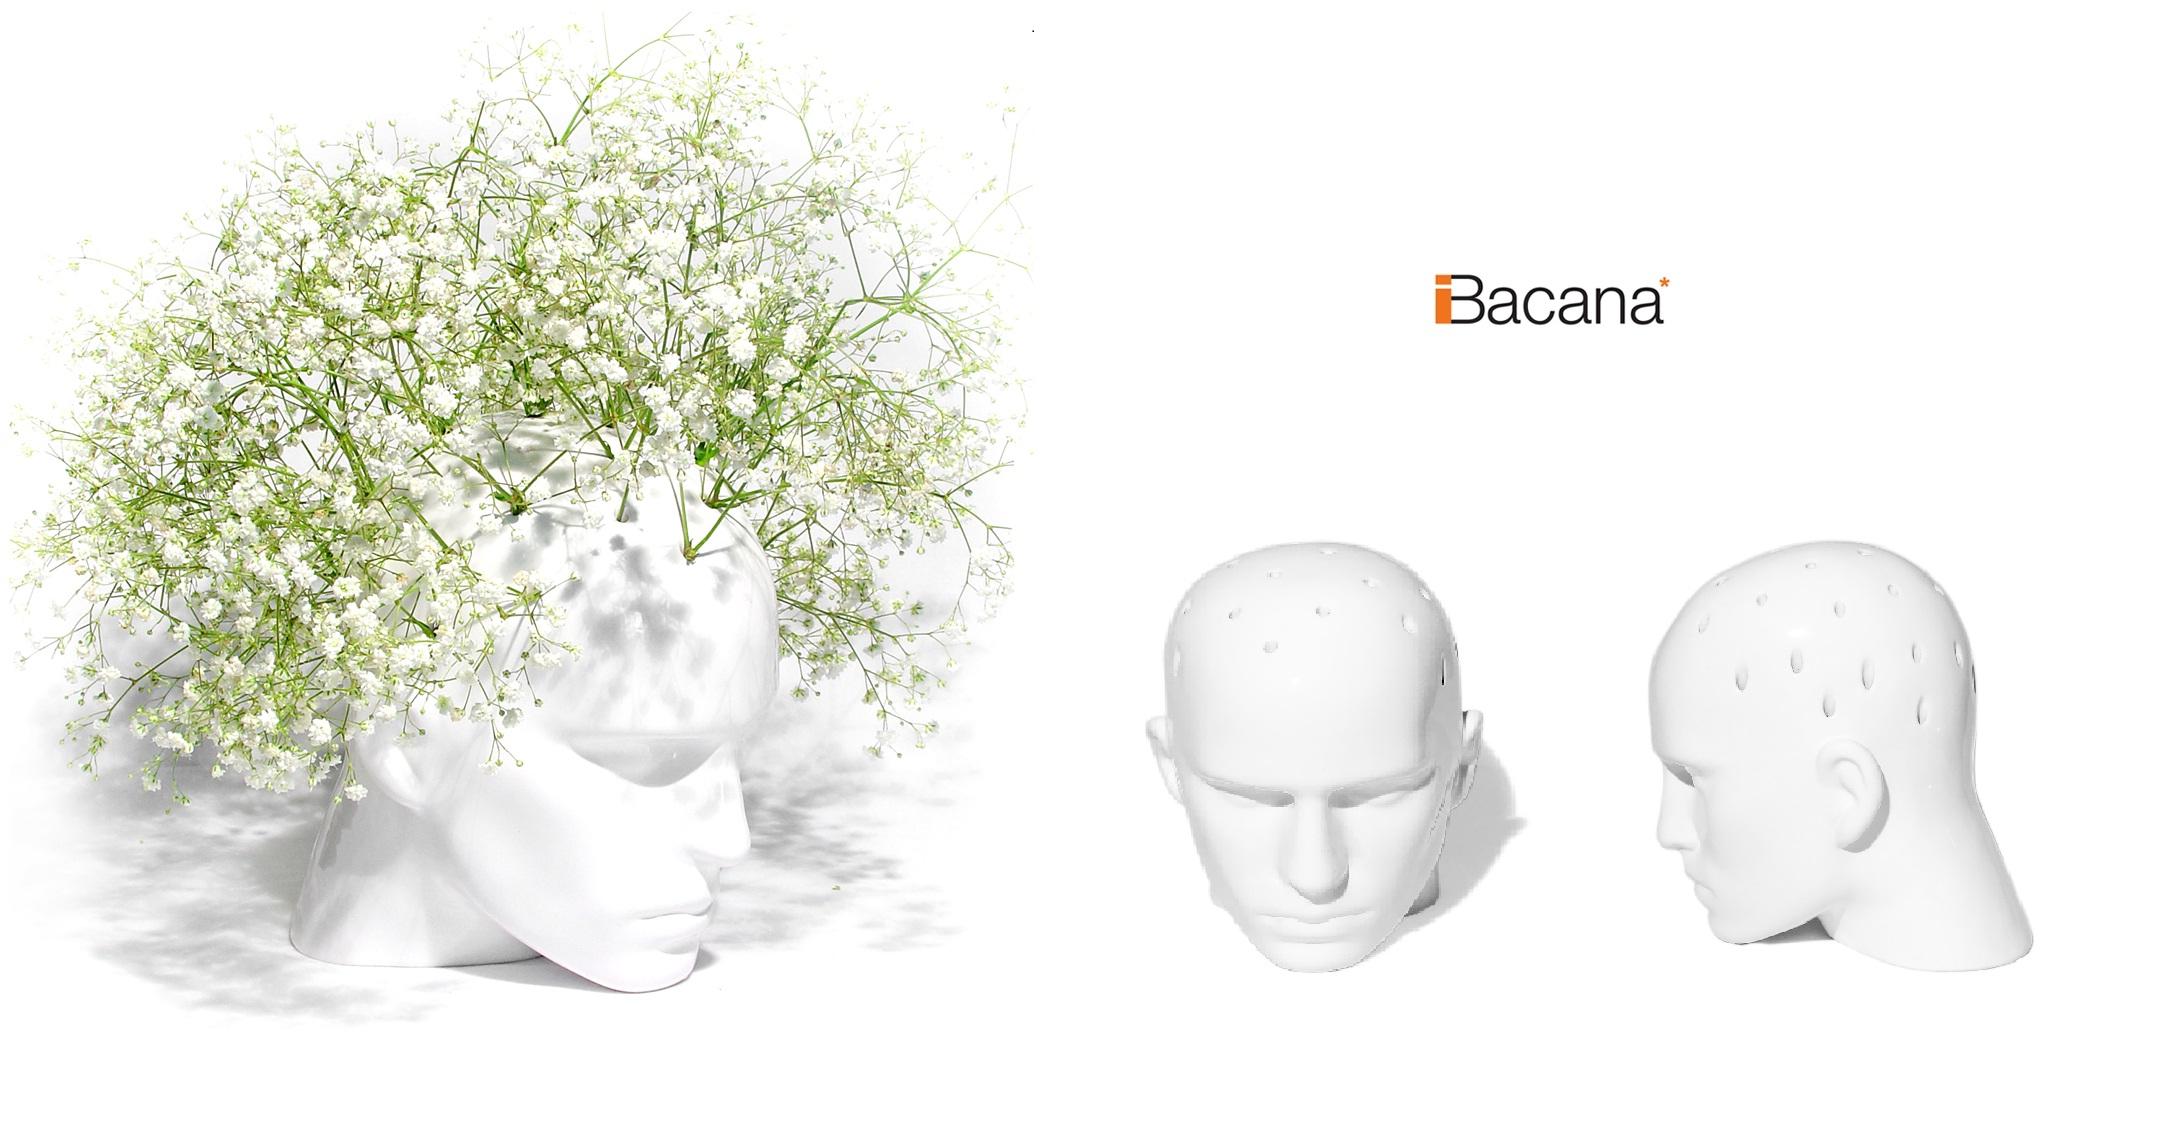 iBacana e seus produtos exclusivos